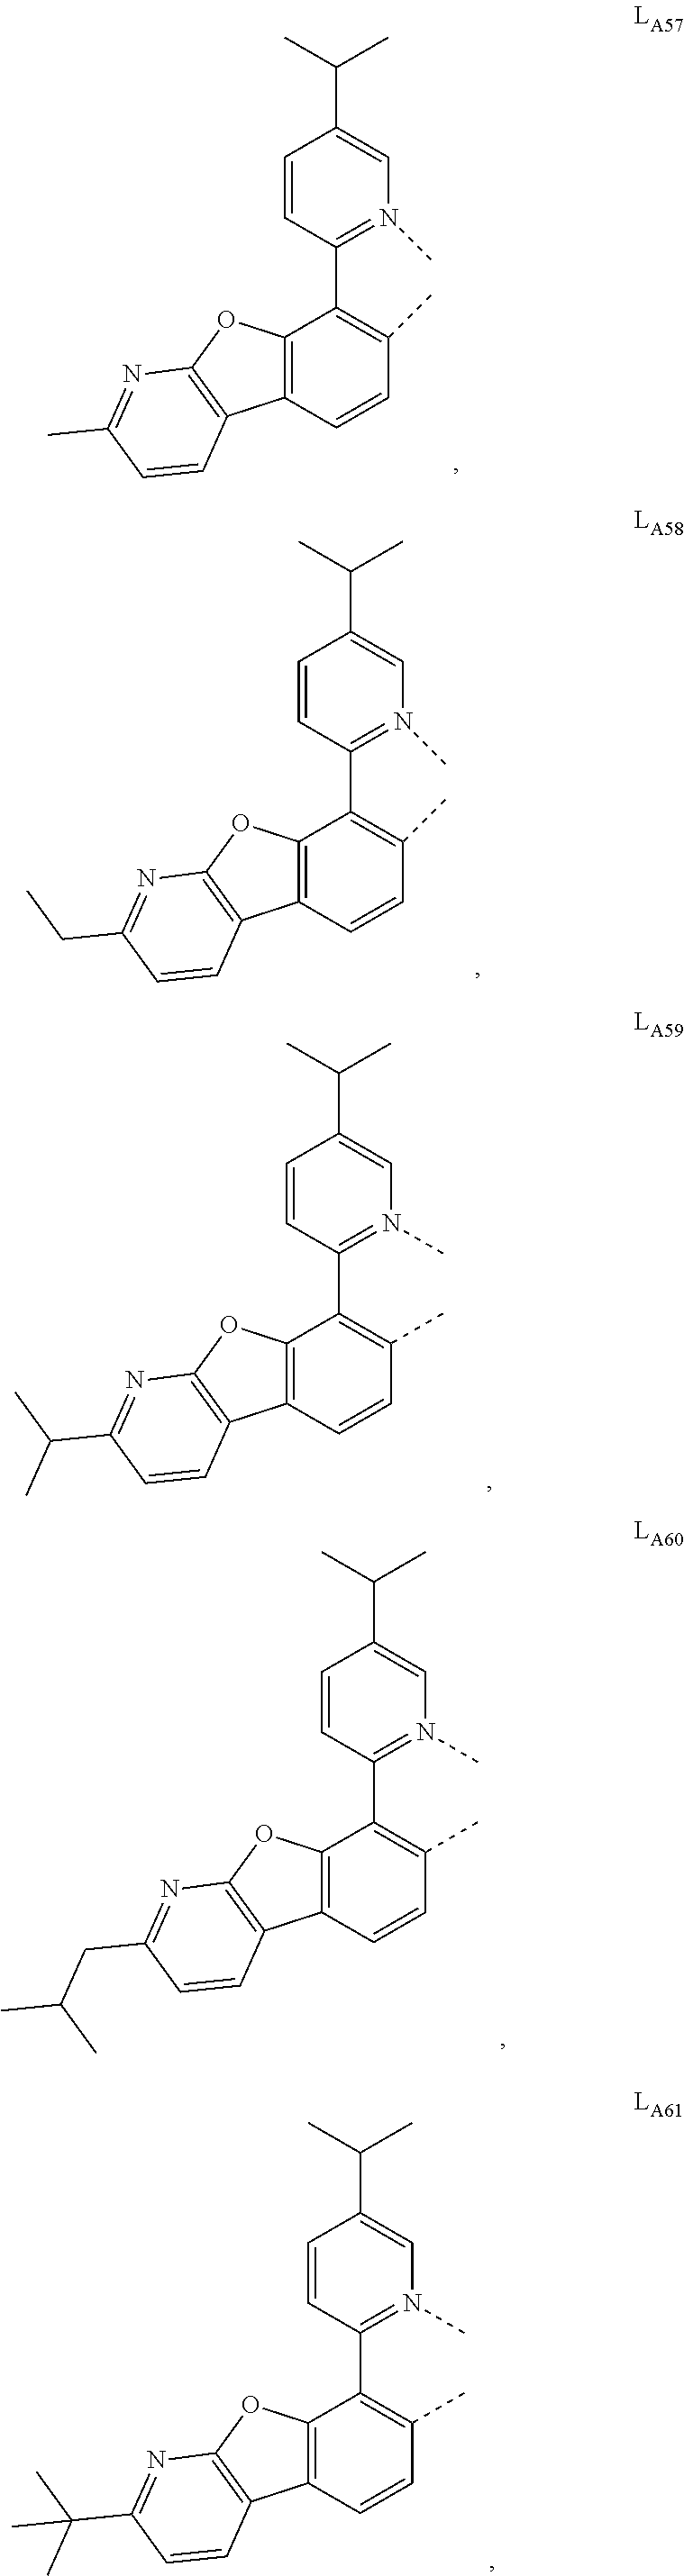 Figure US20160049599A1-20160218-C00412